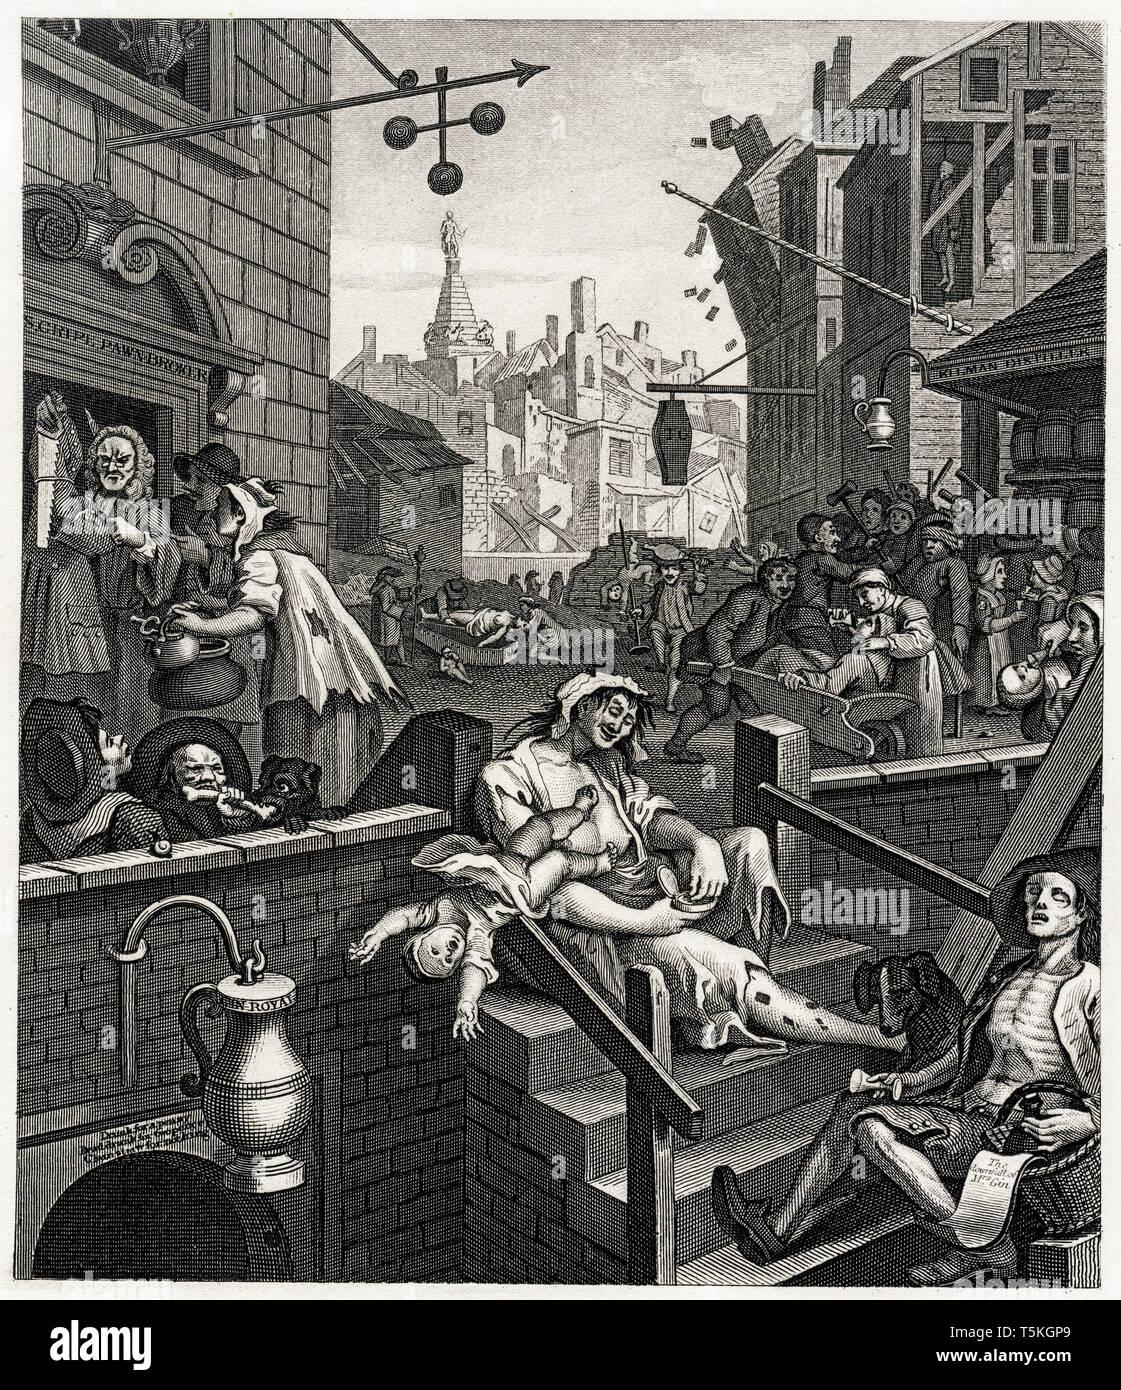 William Hogarth, Gin Lane, engraving, c. 1750 Stock Photo